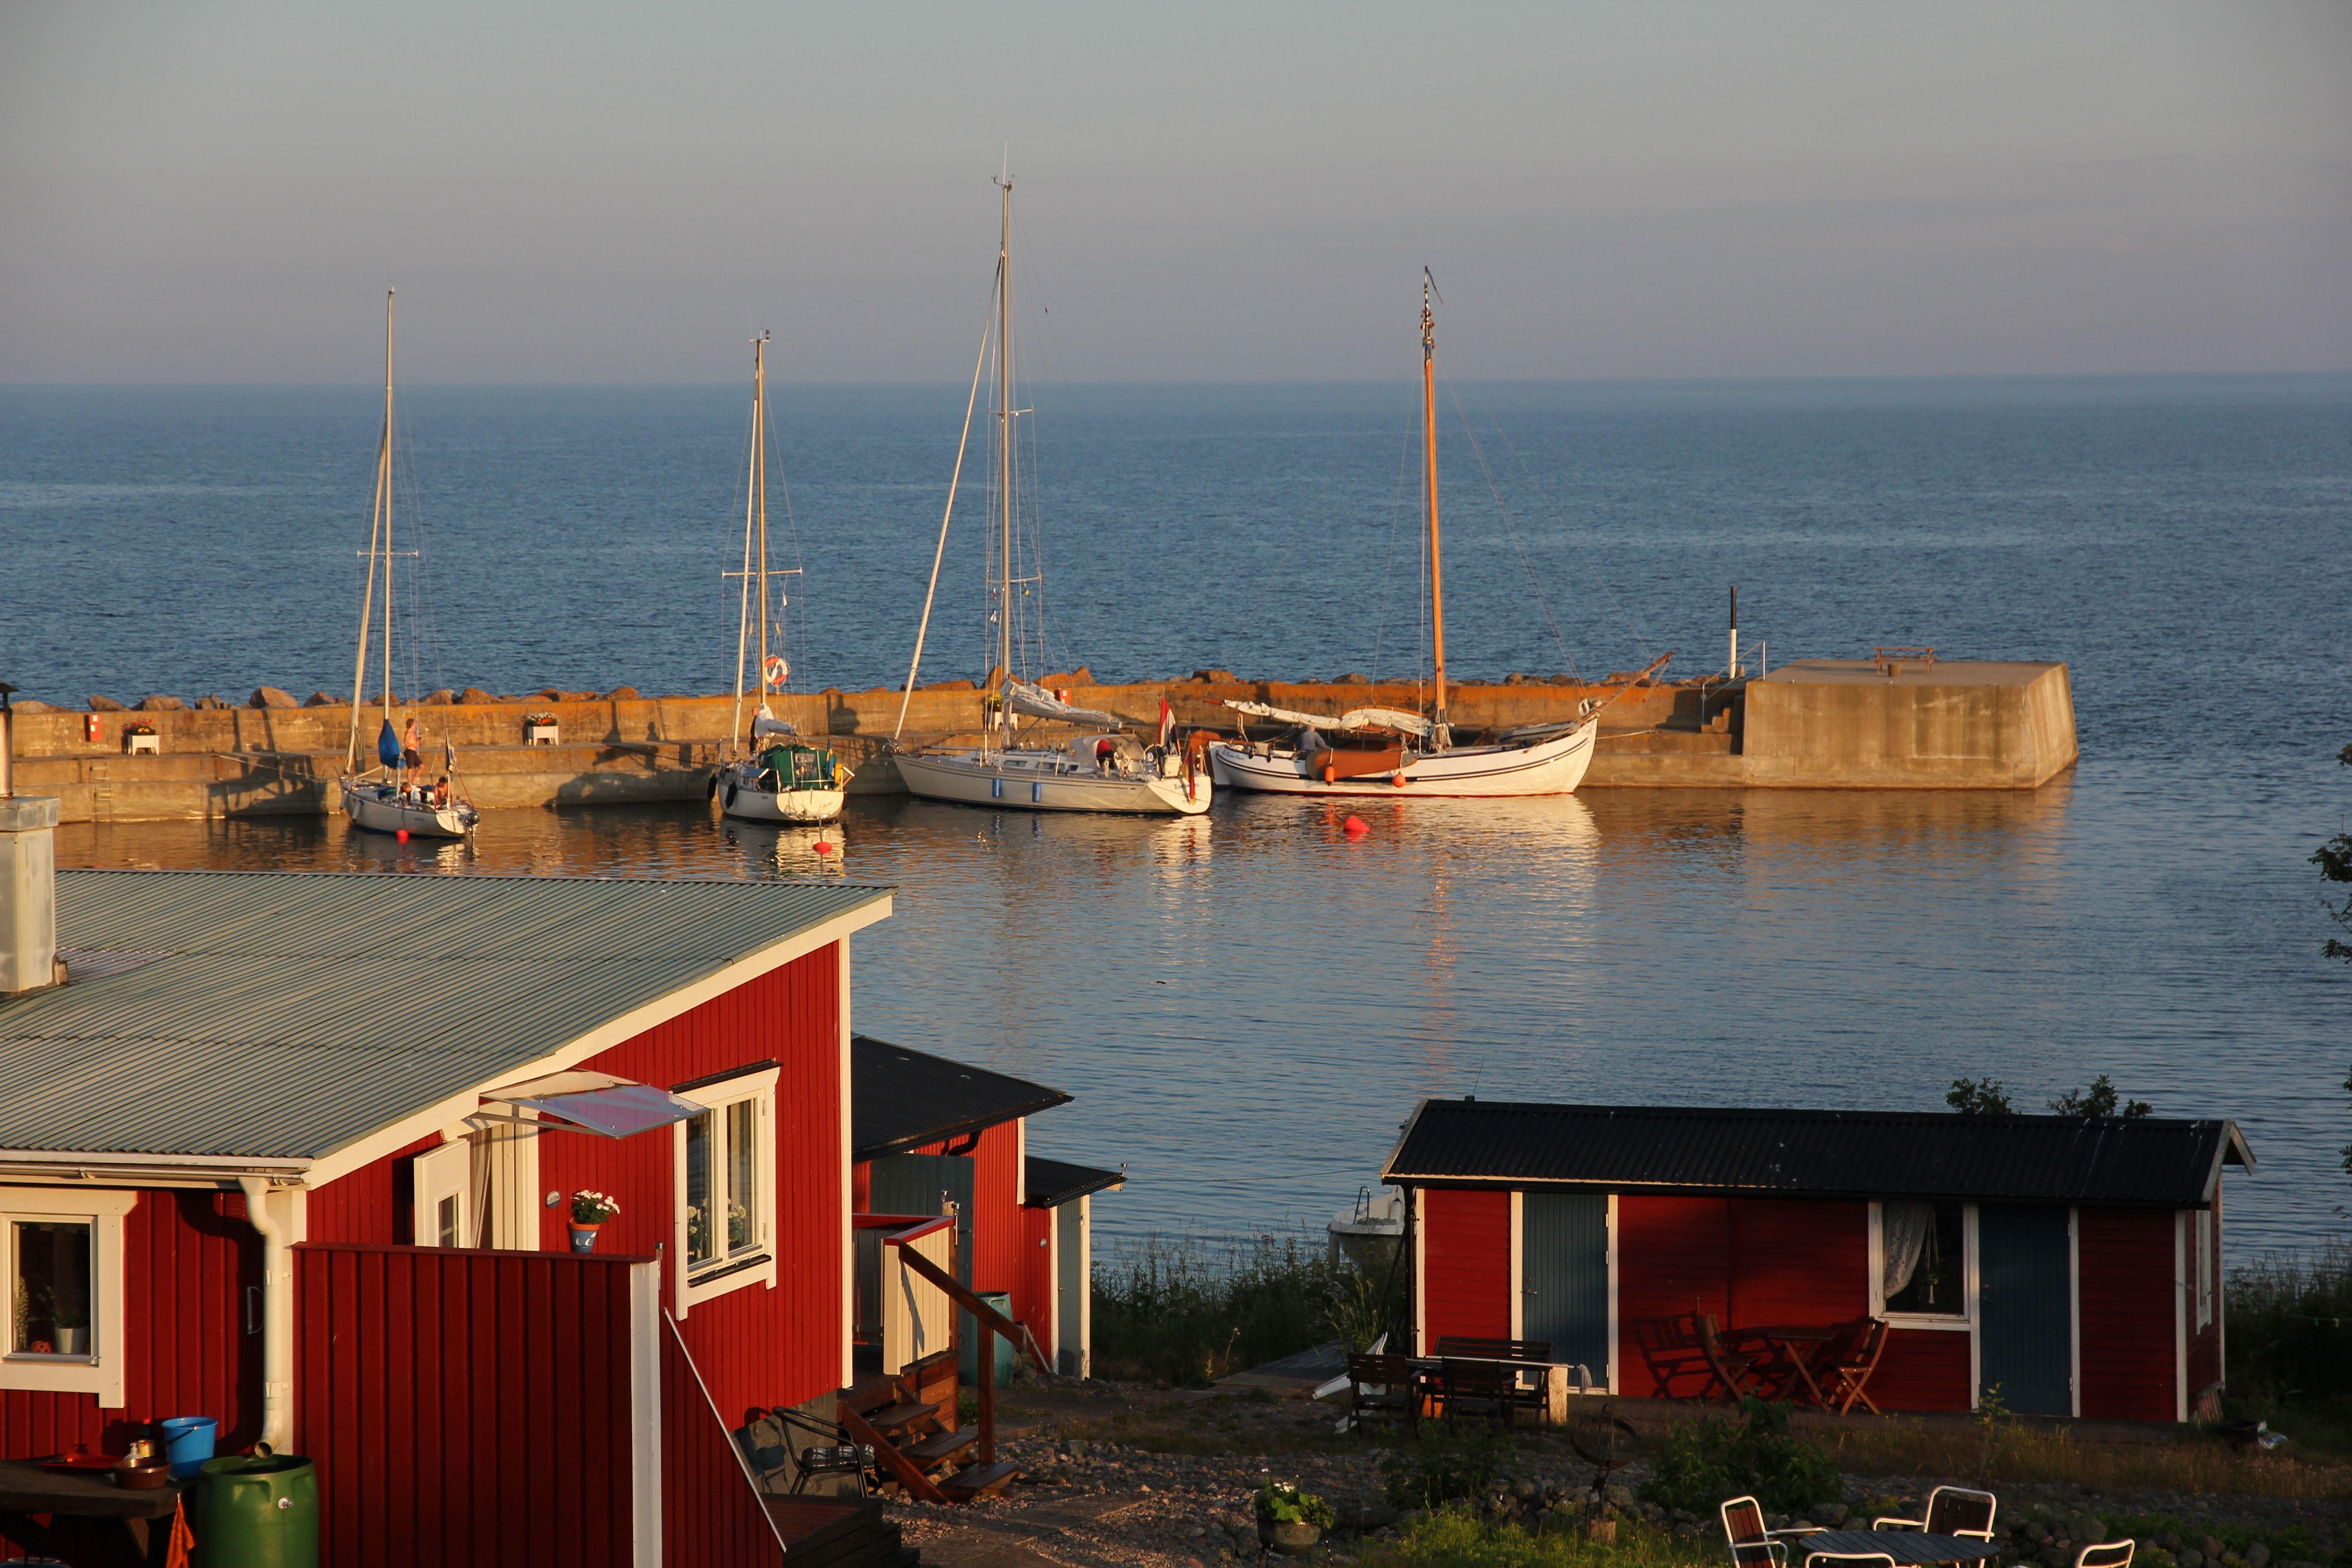 Storjungfrun Guest Harbour